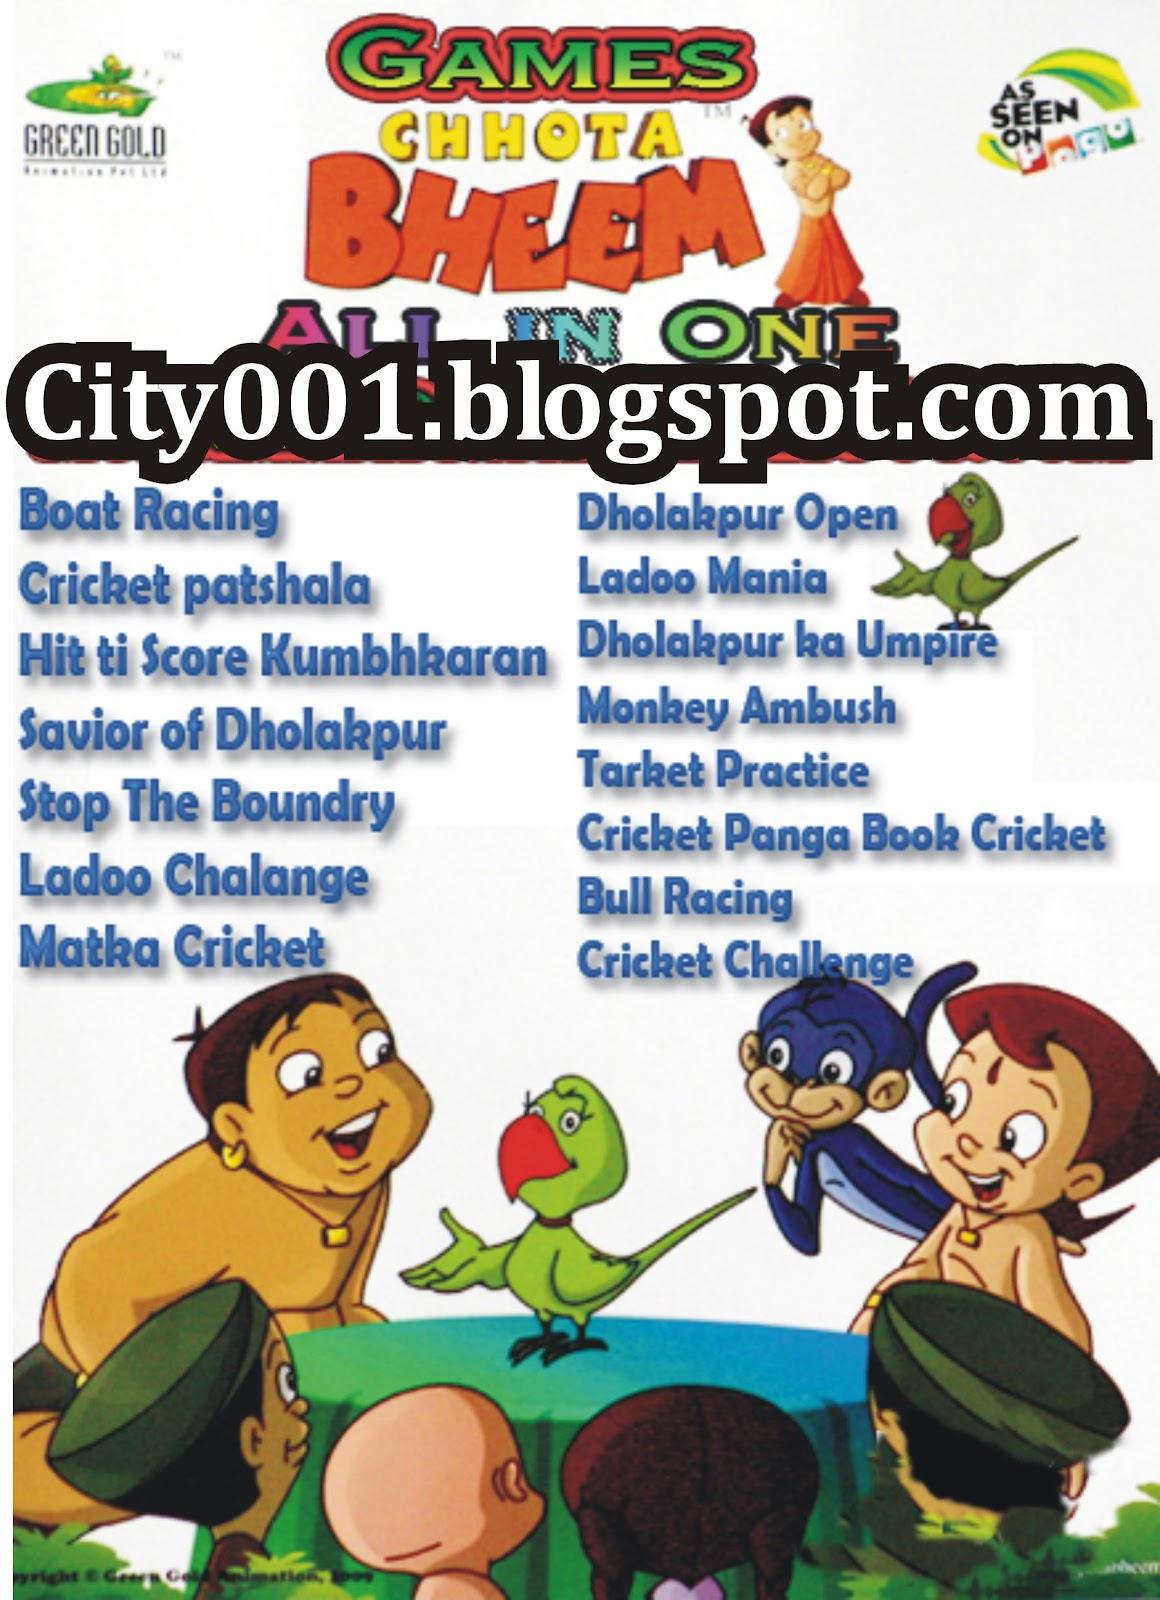 Chota Bheem